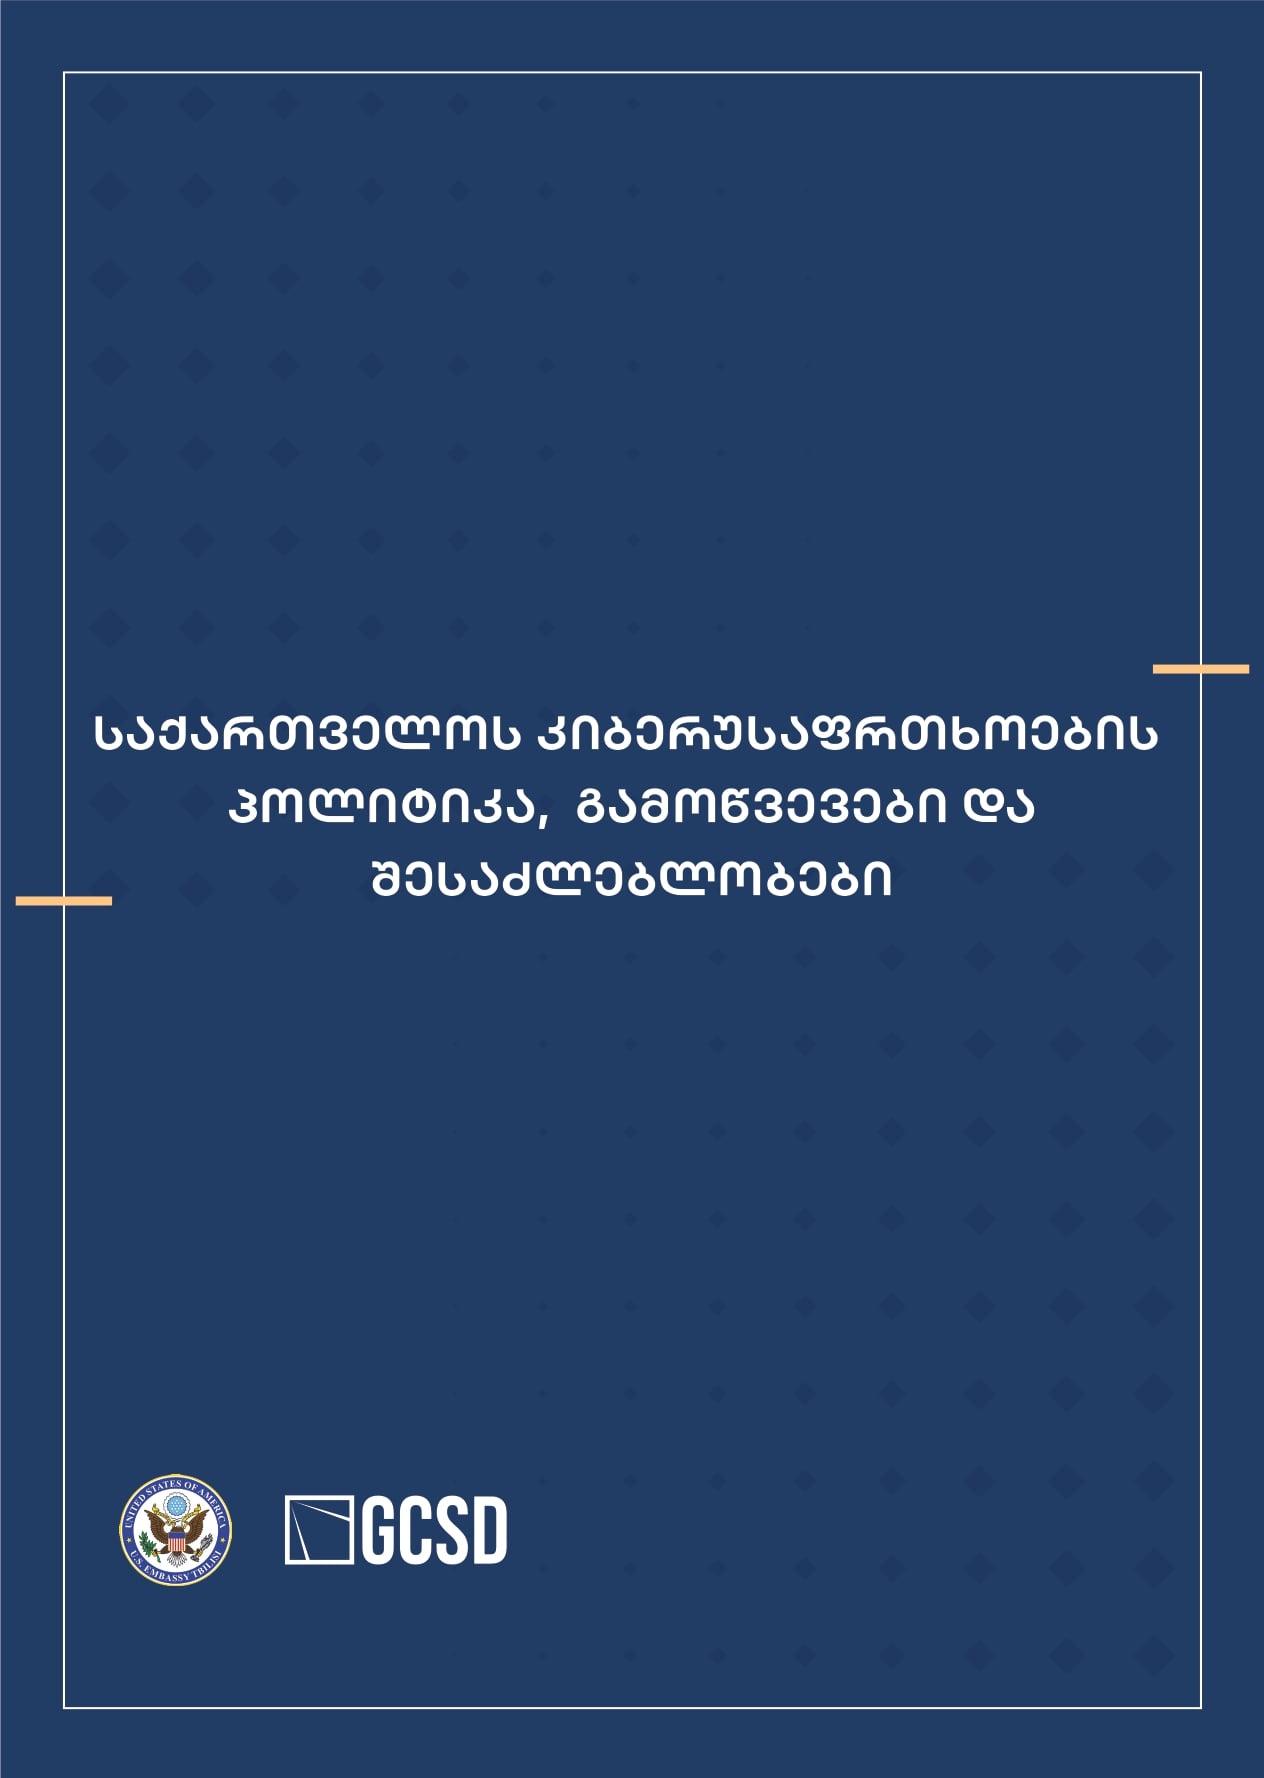 კვლევა: საქართველოს კიბერუსაფრთხოების პოლიტიკა, გამოწვევები და შესაძლებლობები